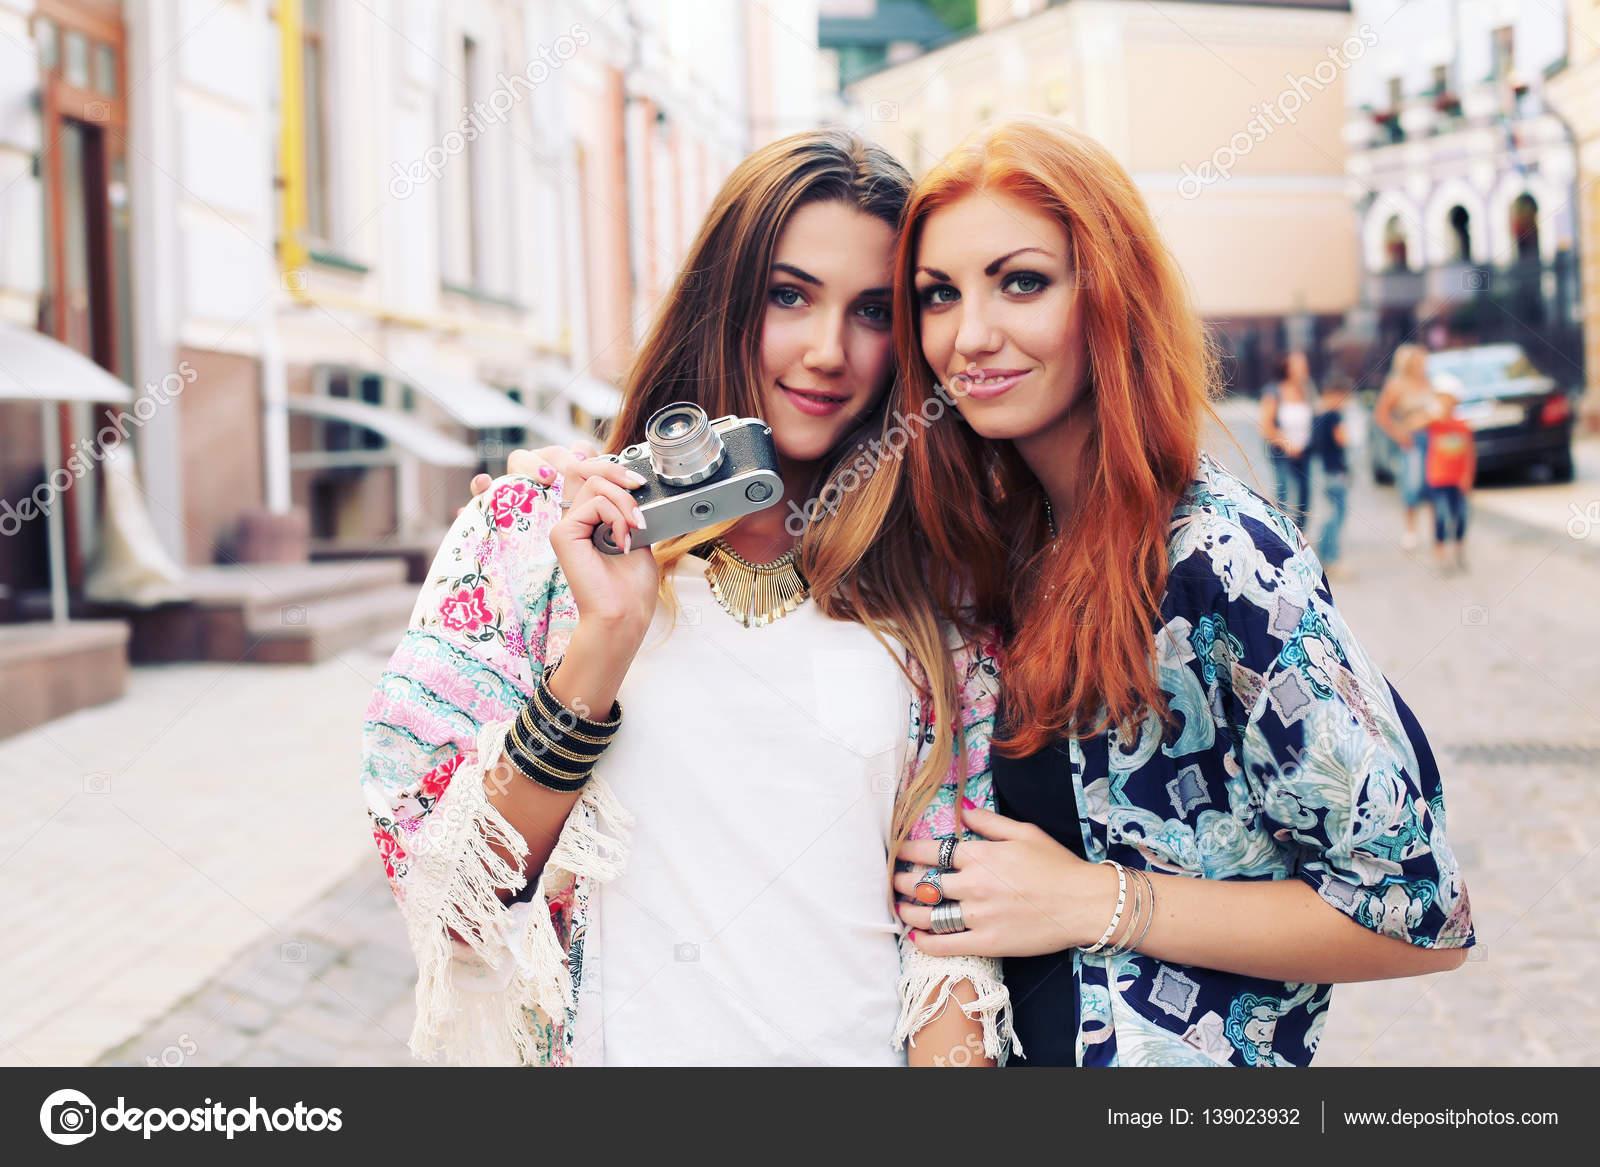 663635d996c367 Zwei hübsche Frauen auf Straße — Stockfoto © perminoffa #139023932